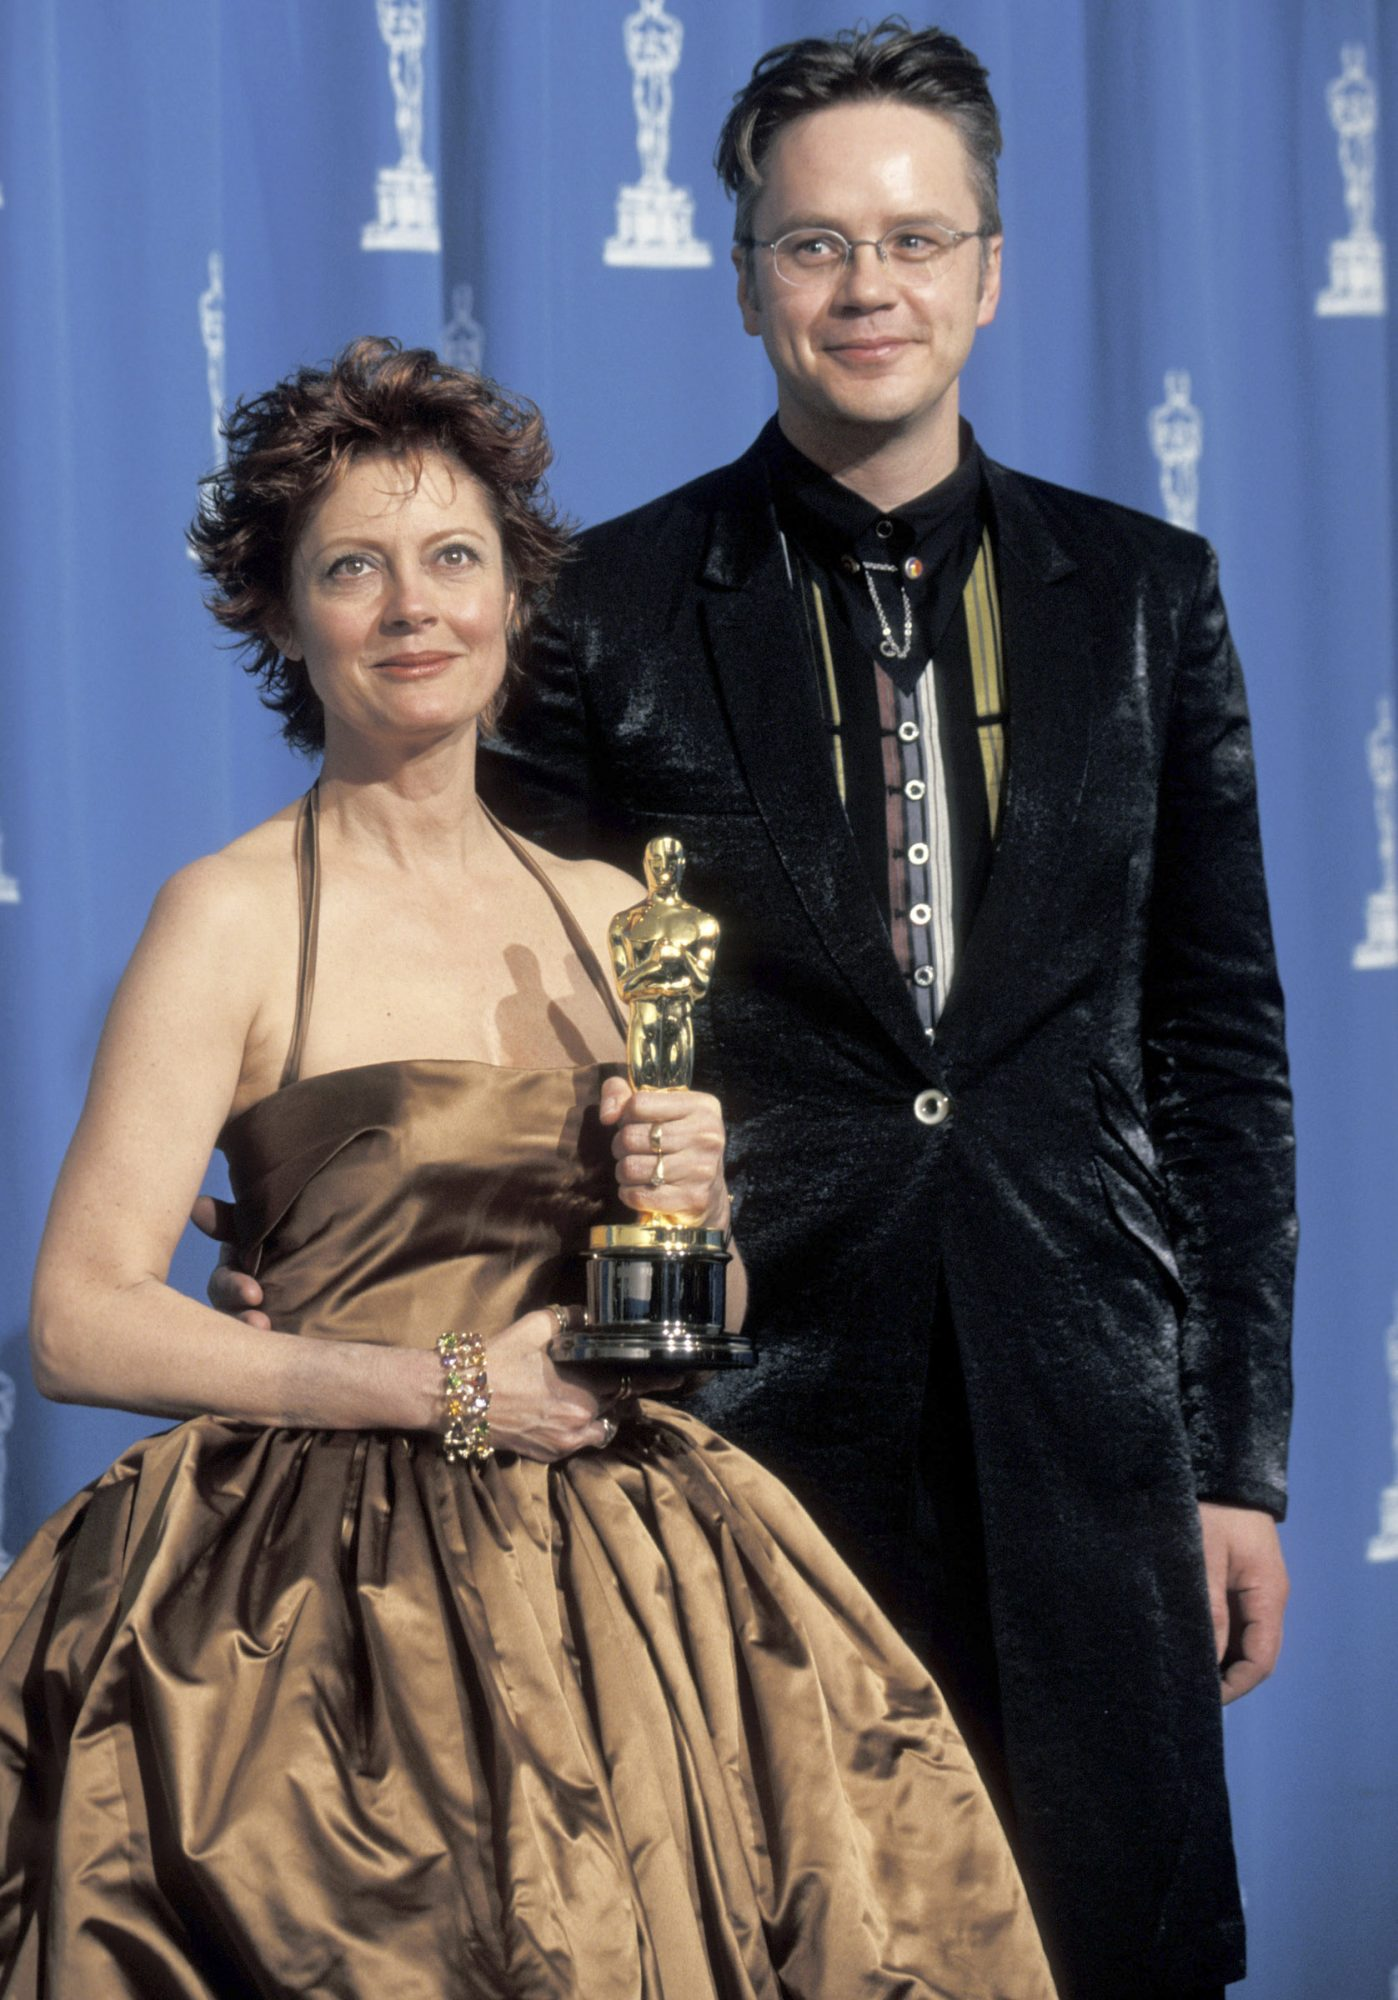 The 68th Annual Academy Awards